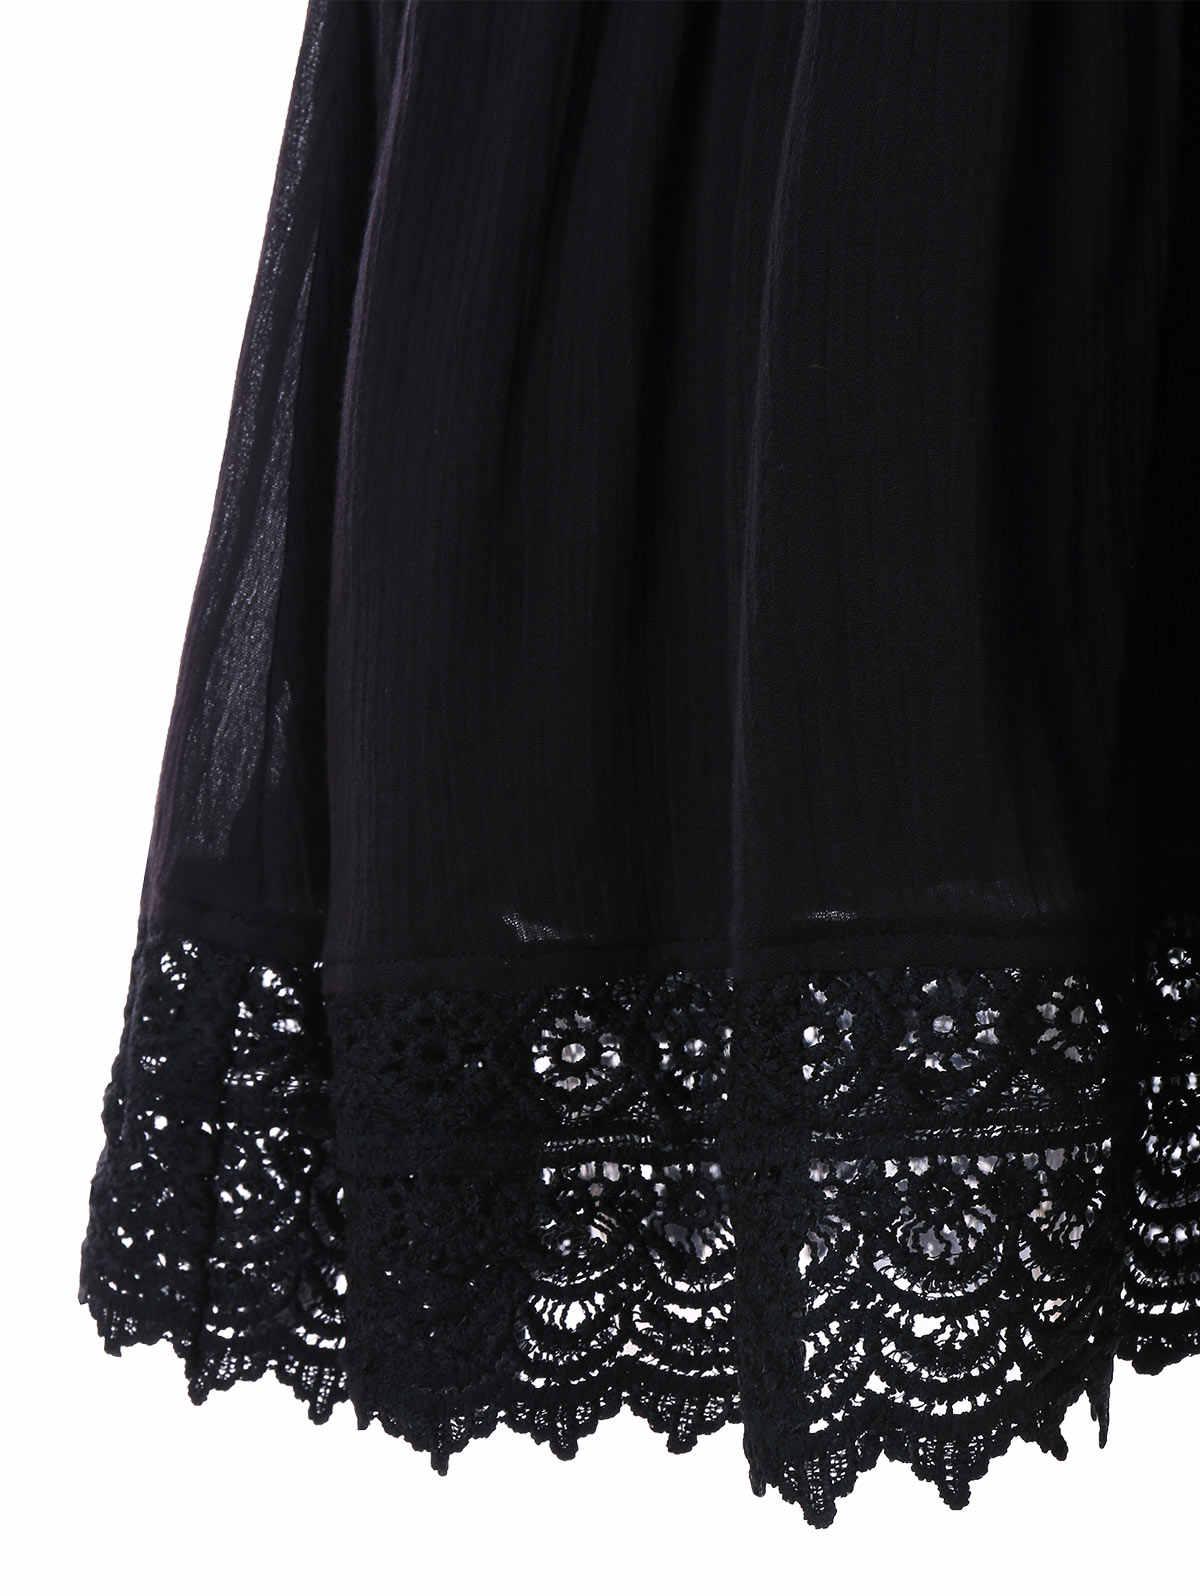 Wisalo кружевное платье без рукавов с открытой спиной, модное женское сексуальное платье без рукавов с v-образным вырезом на спине, Платья для вечеринок, черные платья с вырезами